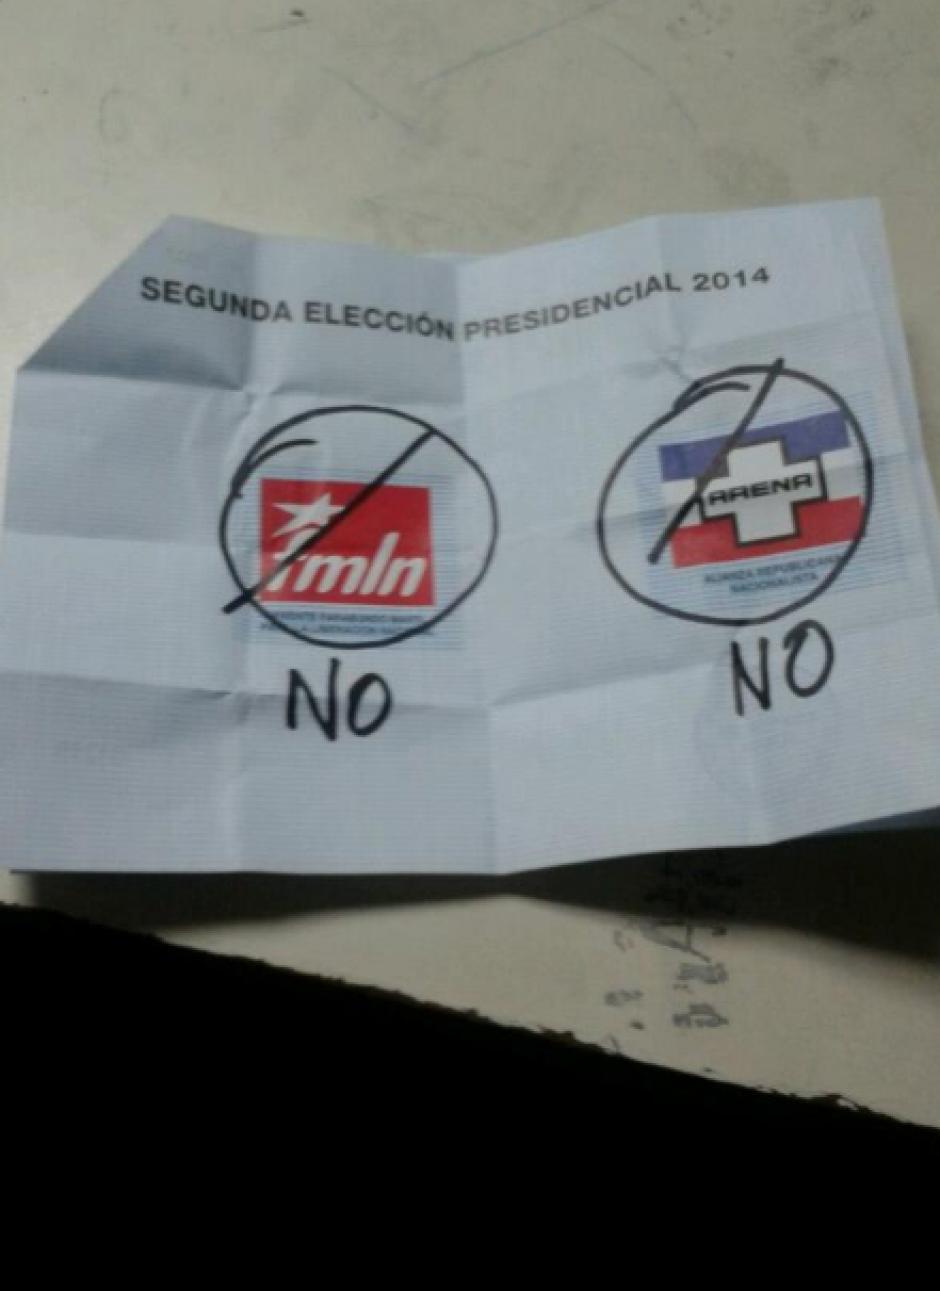 La inconformidad de los salvadoreños en la segunda vuelta de elecciones. (Foto: El Mundo)